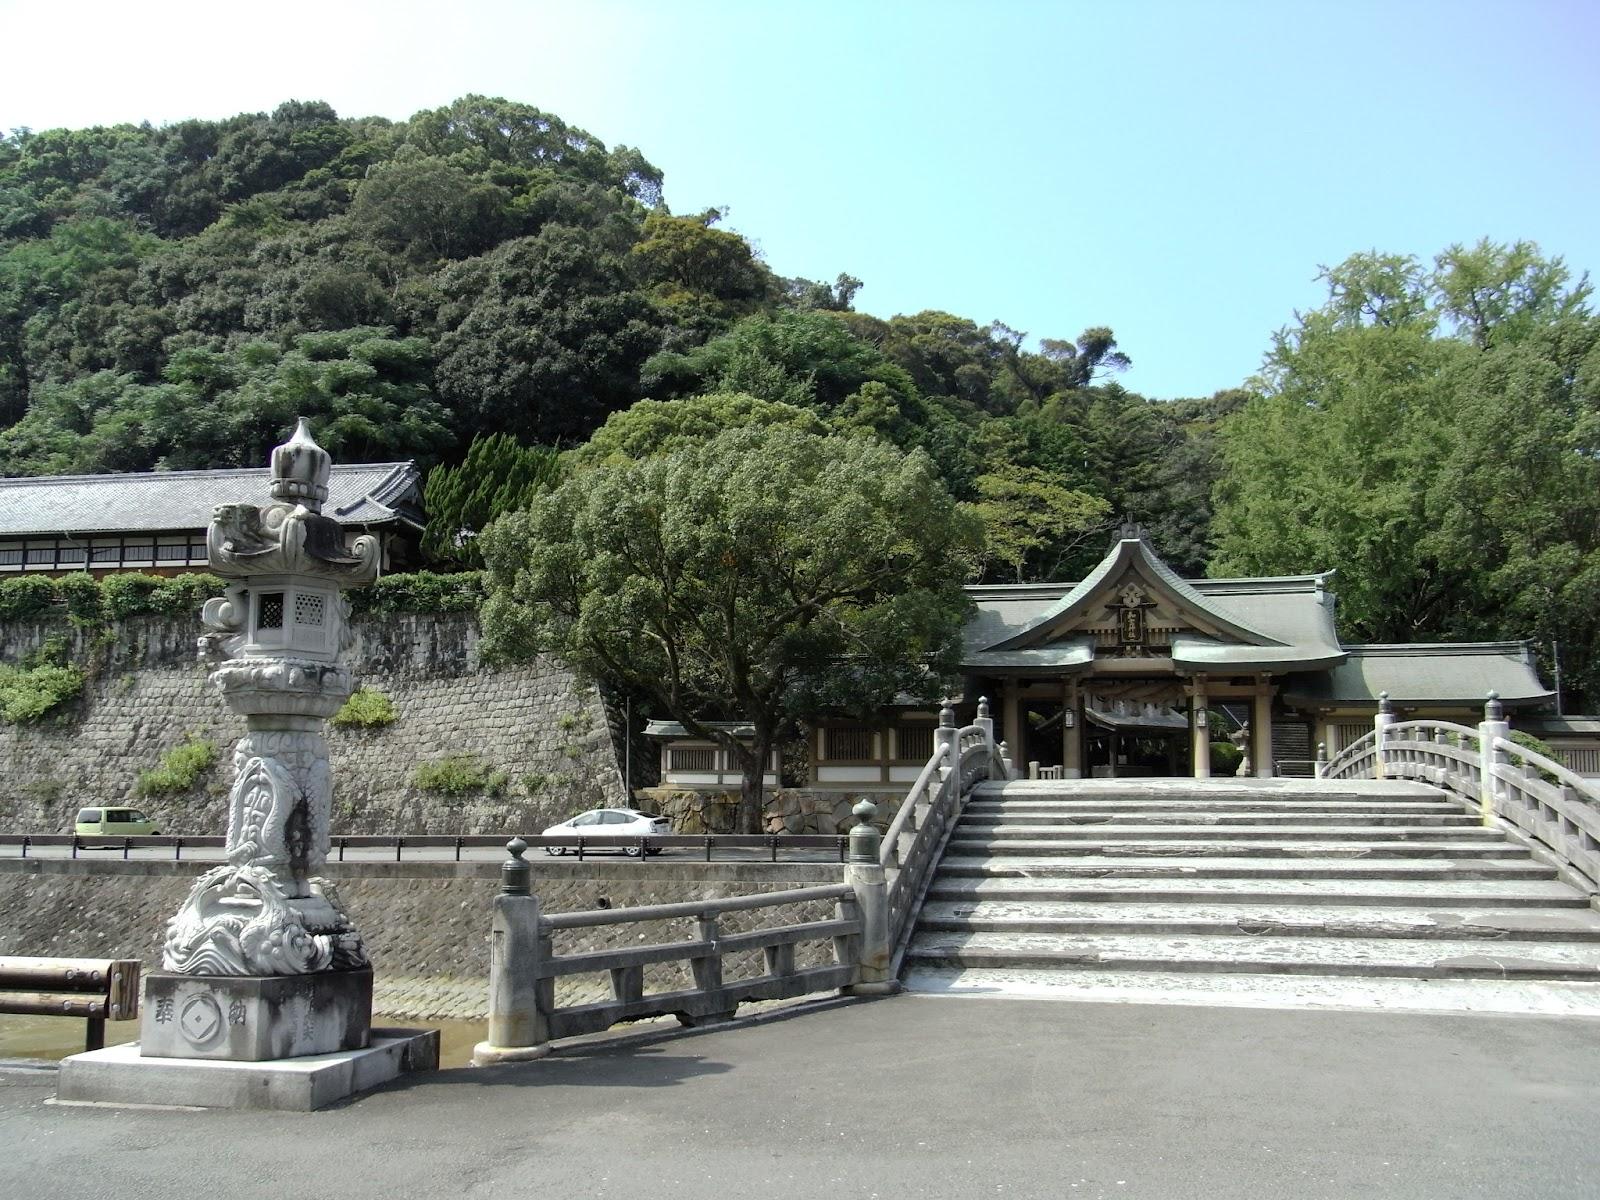 212/1000 和霊公園(愛媛県宇和島市)